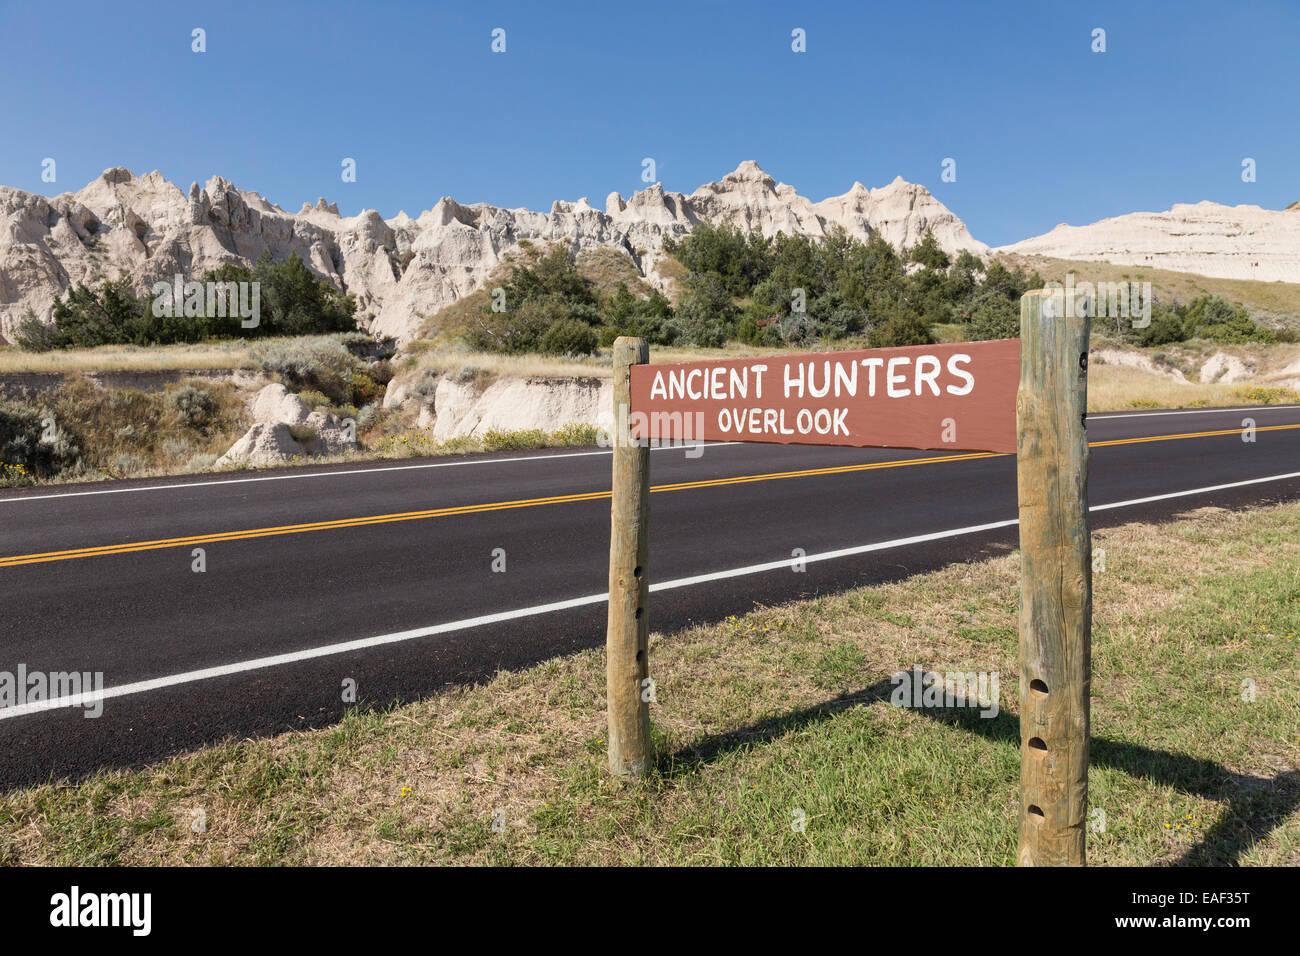 Strada nel Parco nazionale Badlands, SD, STATI UNITI D'AMERICA Immagini Stock